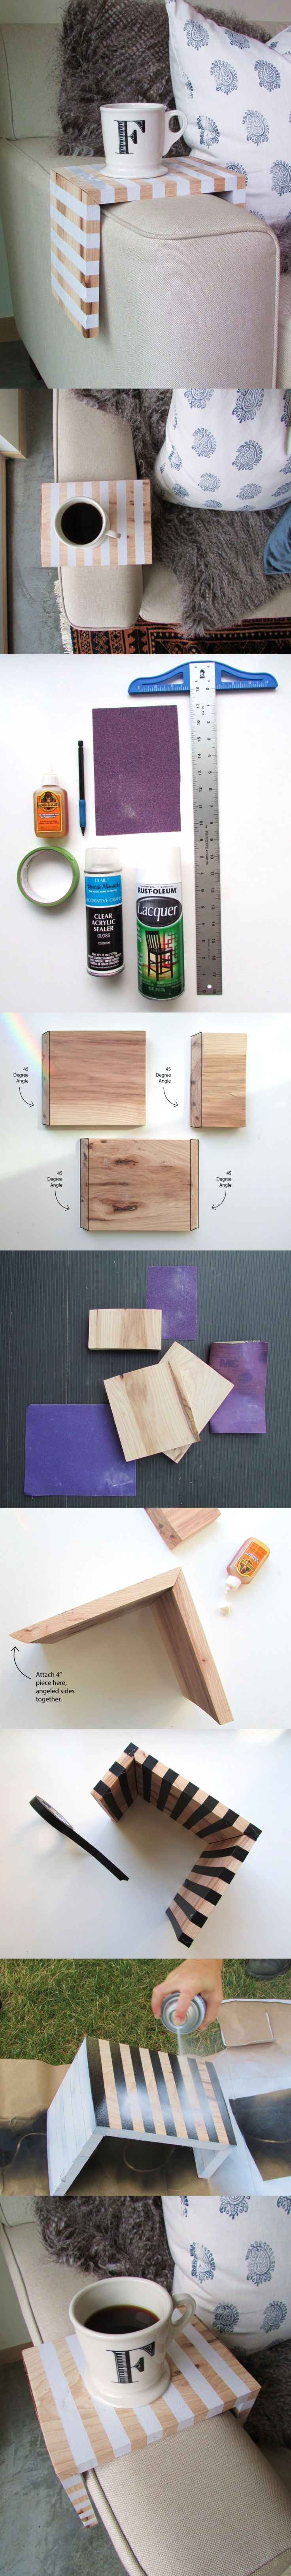 Mesita de madera para sofá - Muy Ingenioso